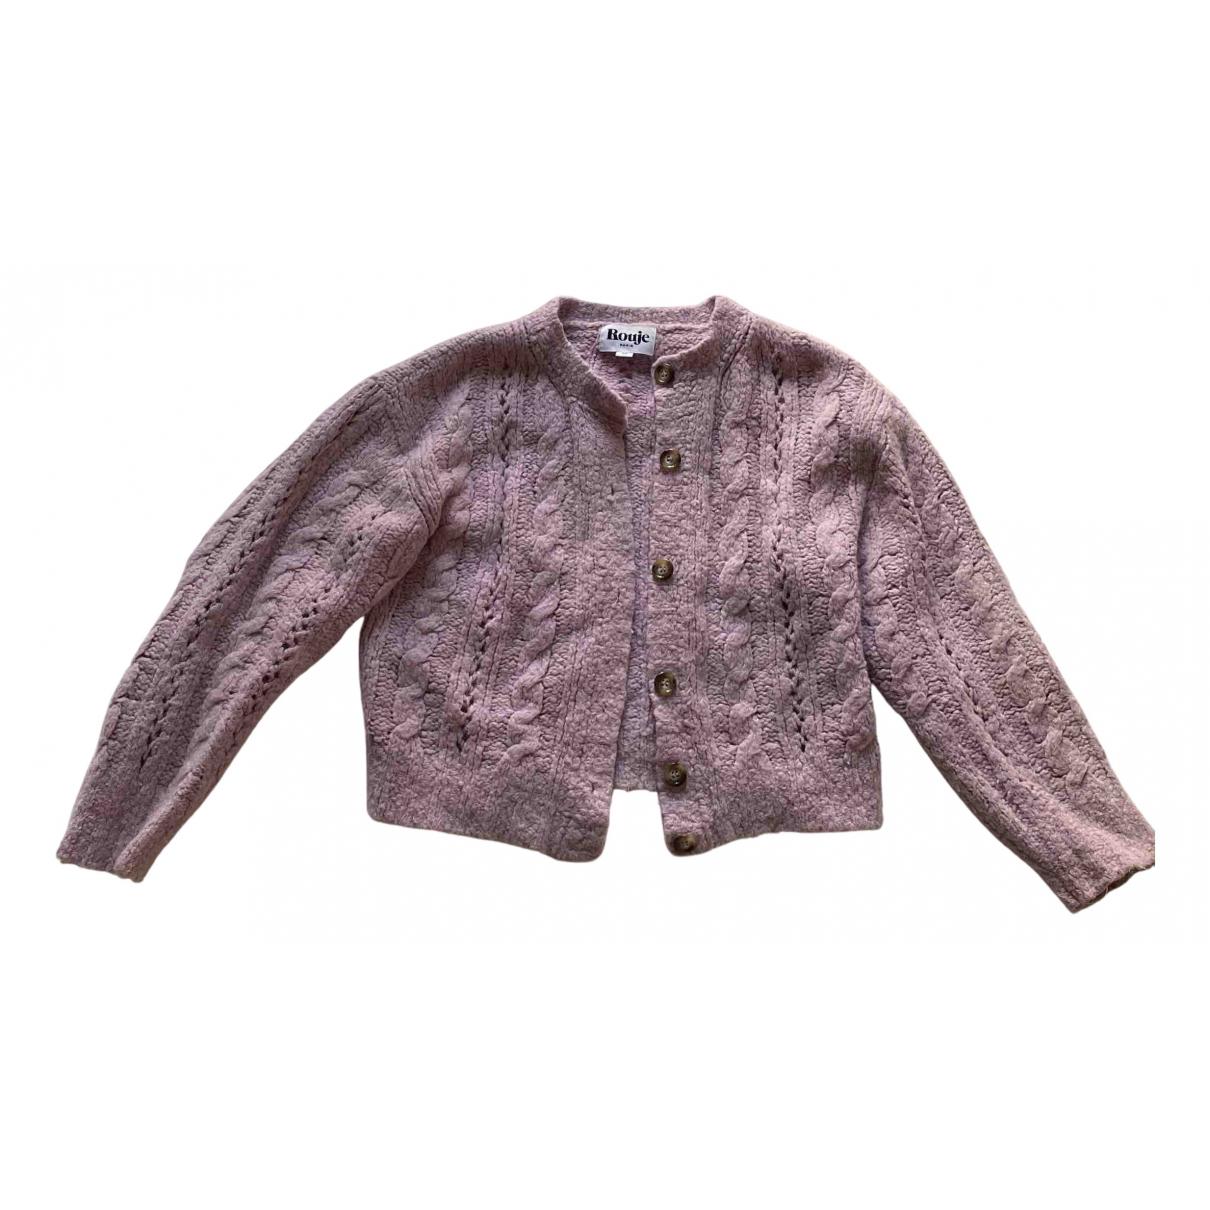 Rouje Spring Summer 2019 Purple Knitwear for Women 36 FR